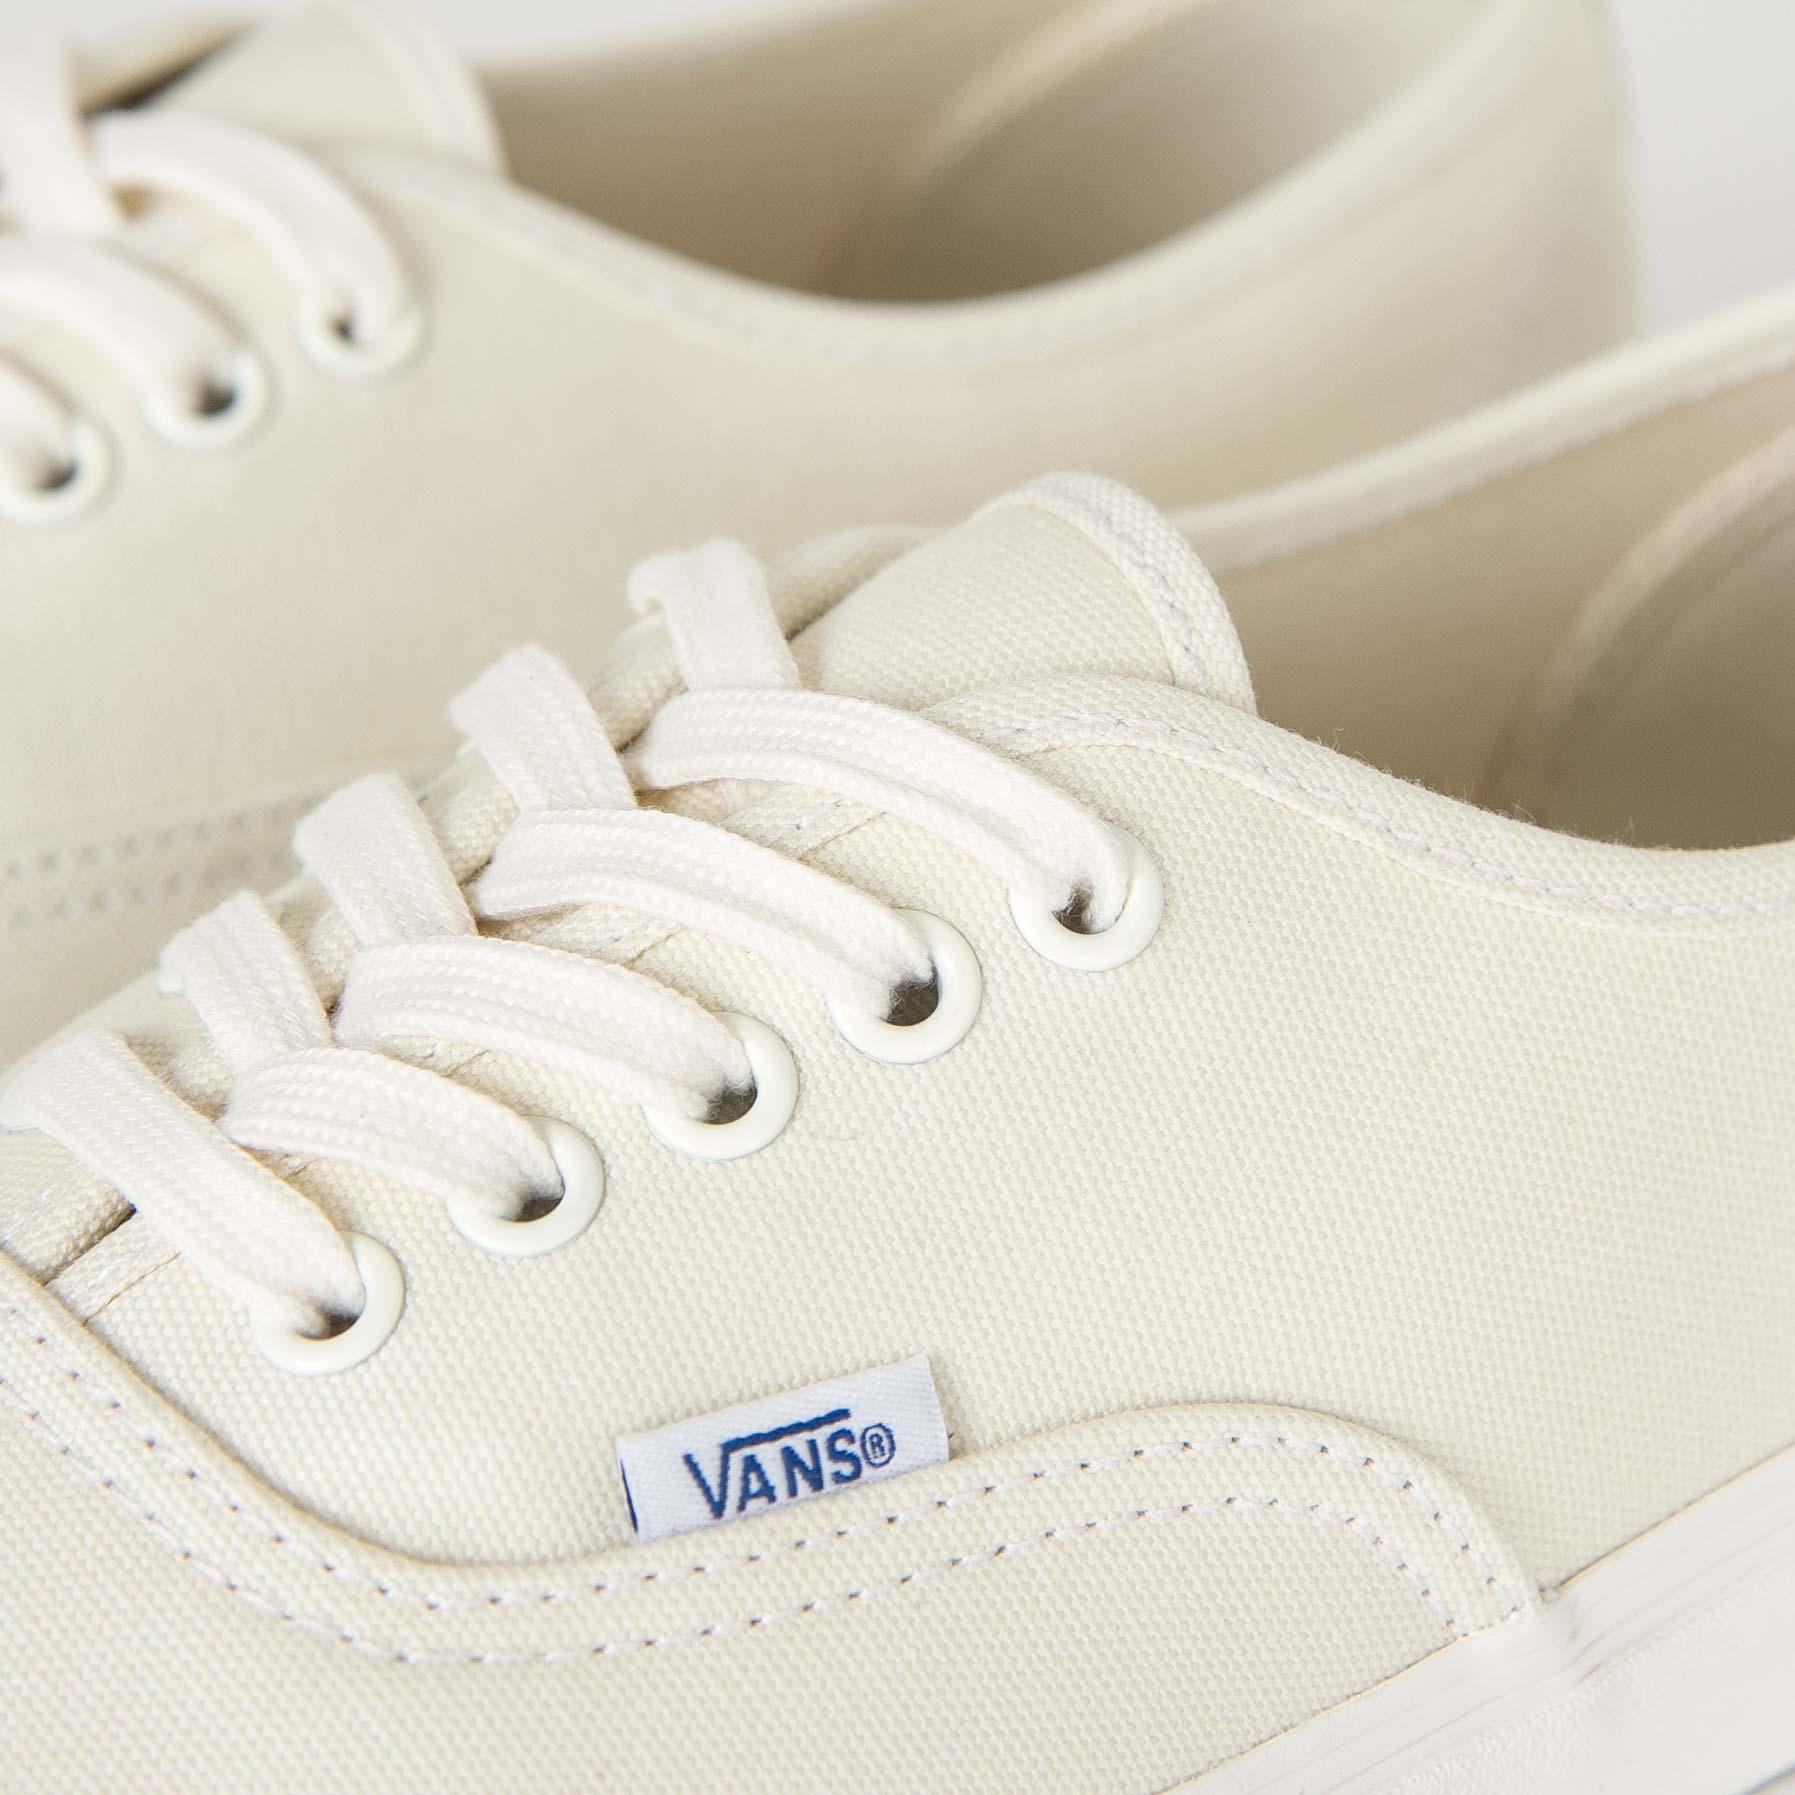 e5f15899a3 Vans OG Authentic LX - Vuddiav - Sneakersnstuff